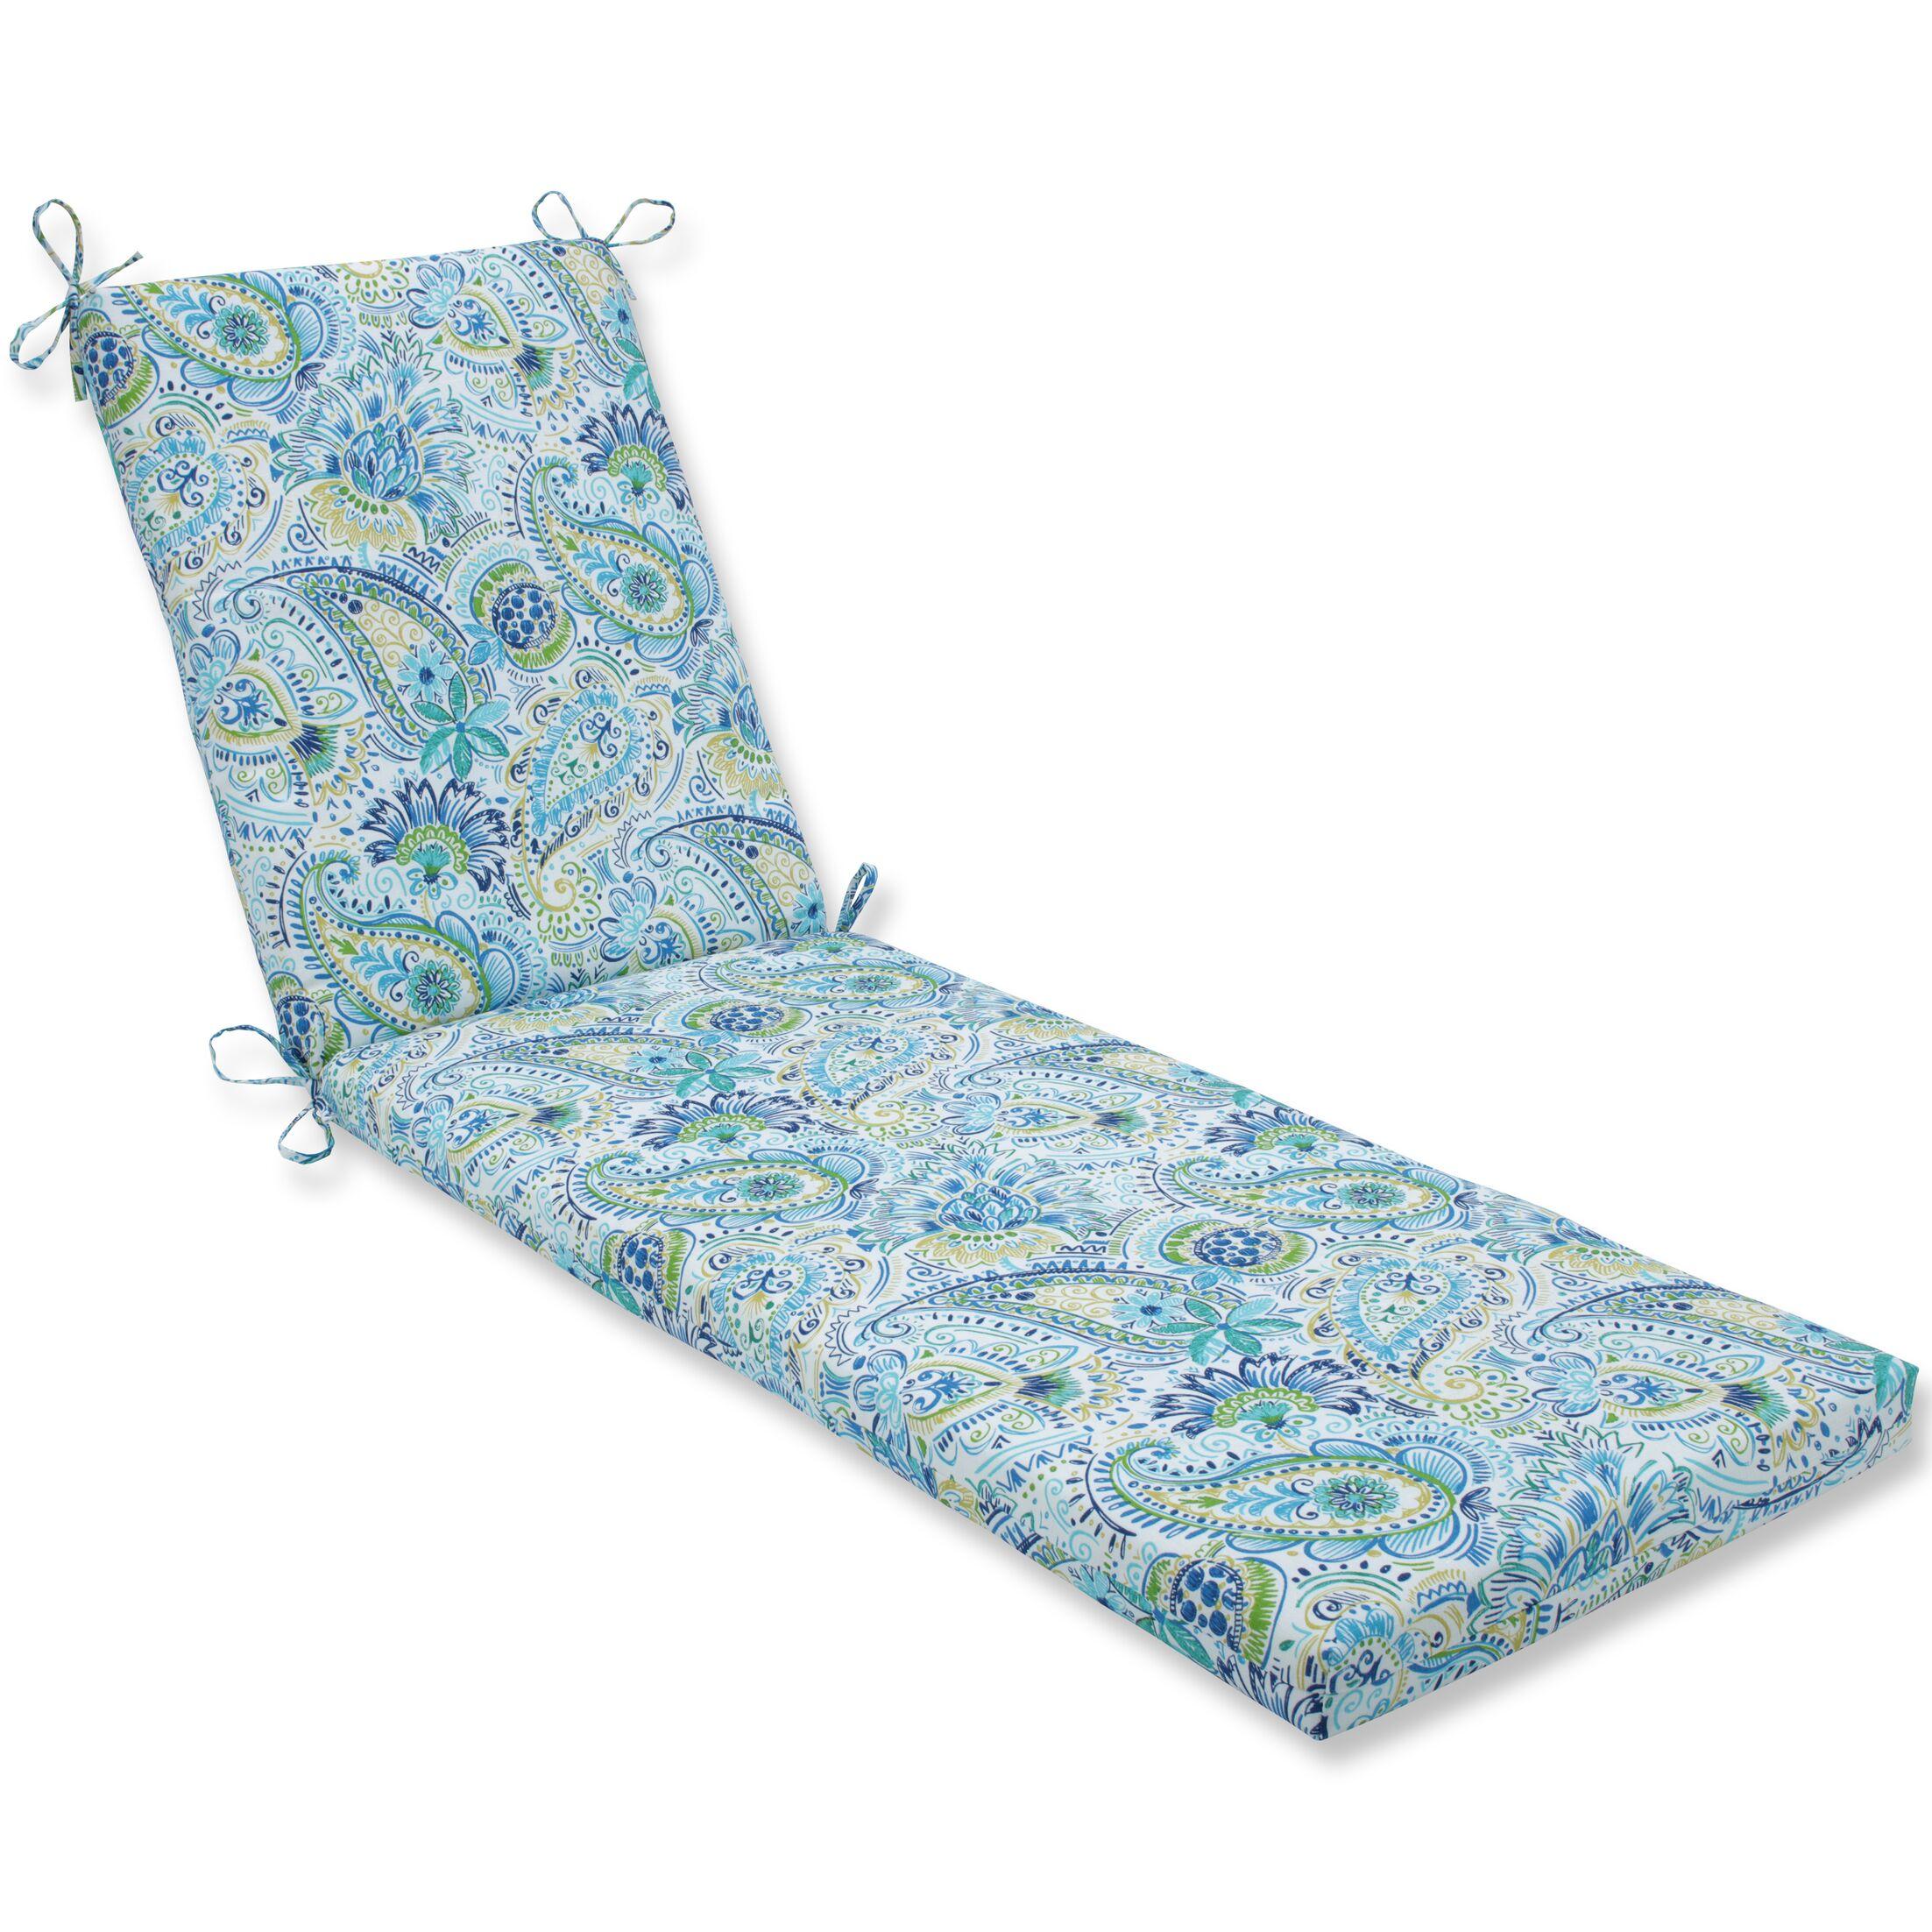 Gilford Baltic Chaise Lounge Cushion